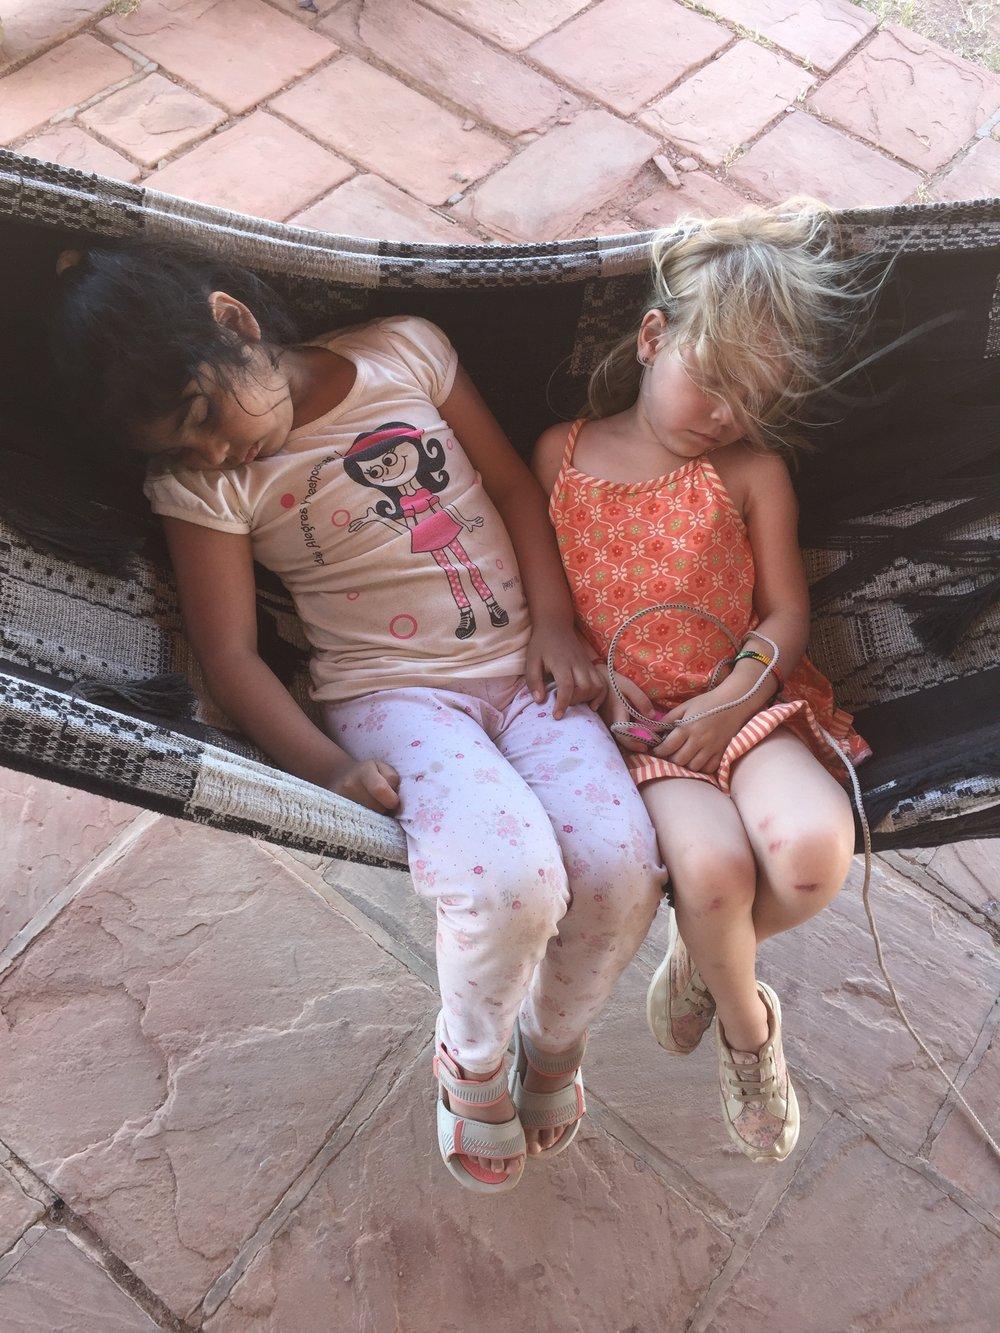 children sleepong - Copy - Copy - Copy - Copy - Copy - Copy.jpg